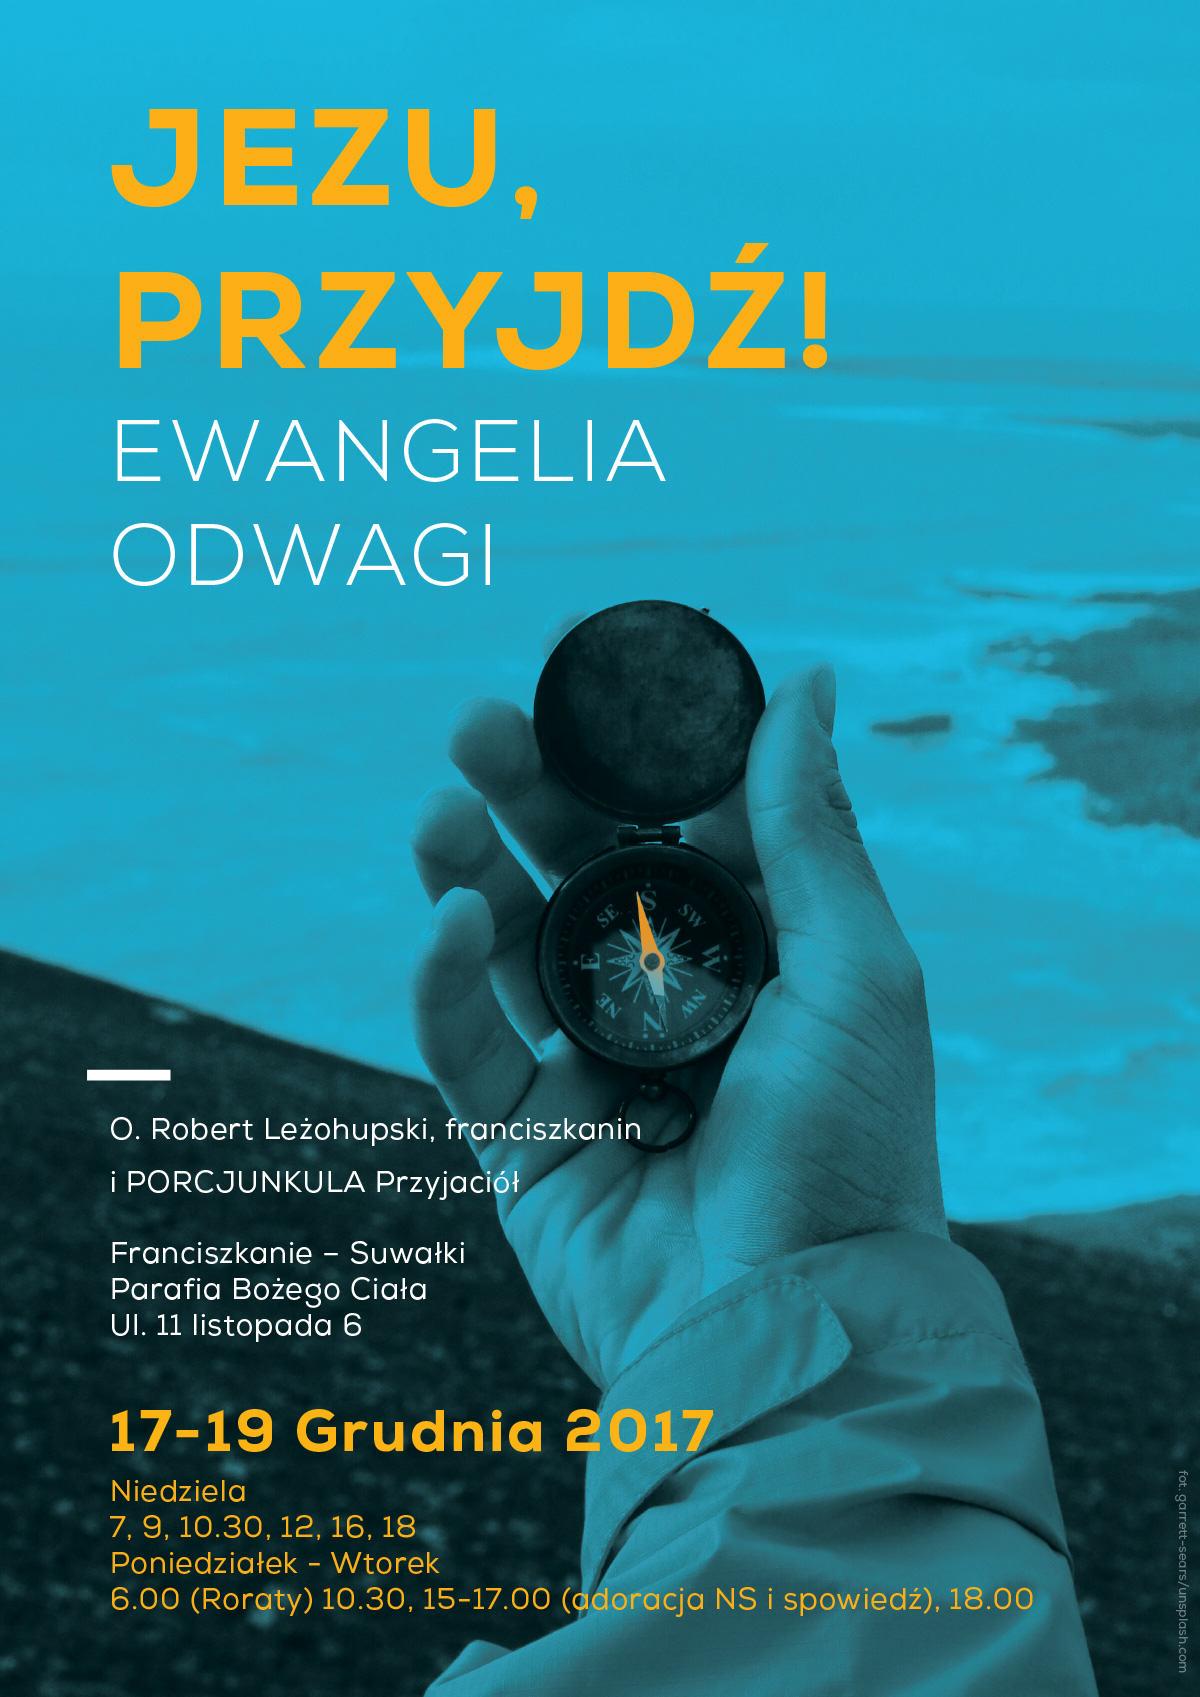 Parafialne rekolekcje Adwentowe 17-19.XII.2017